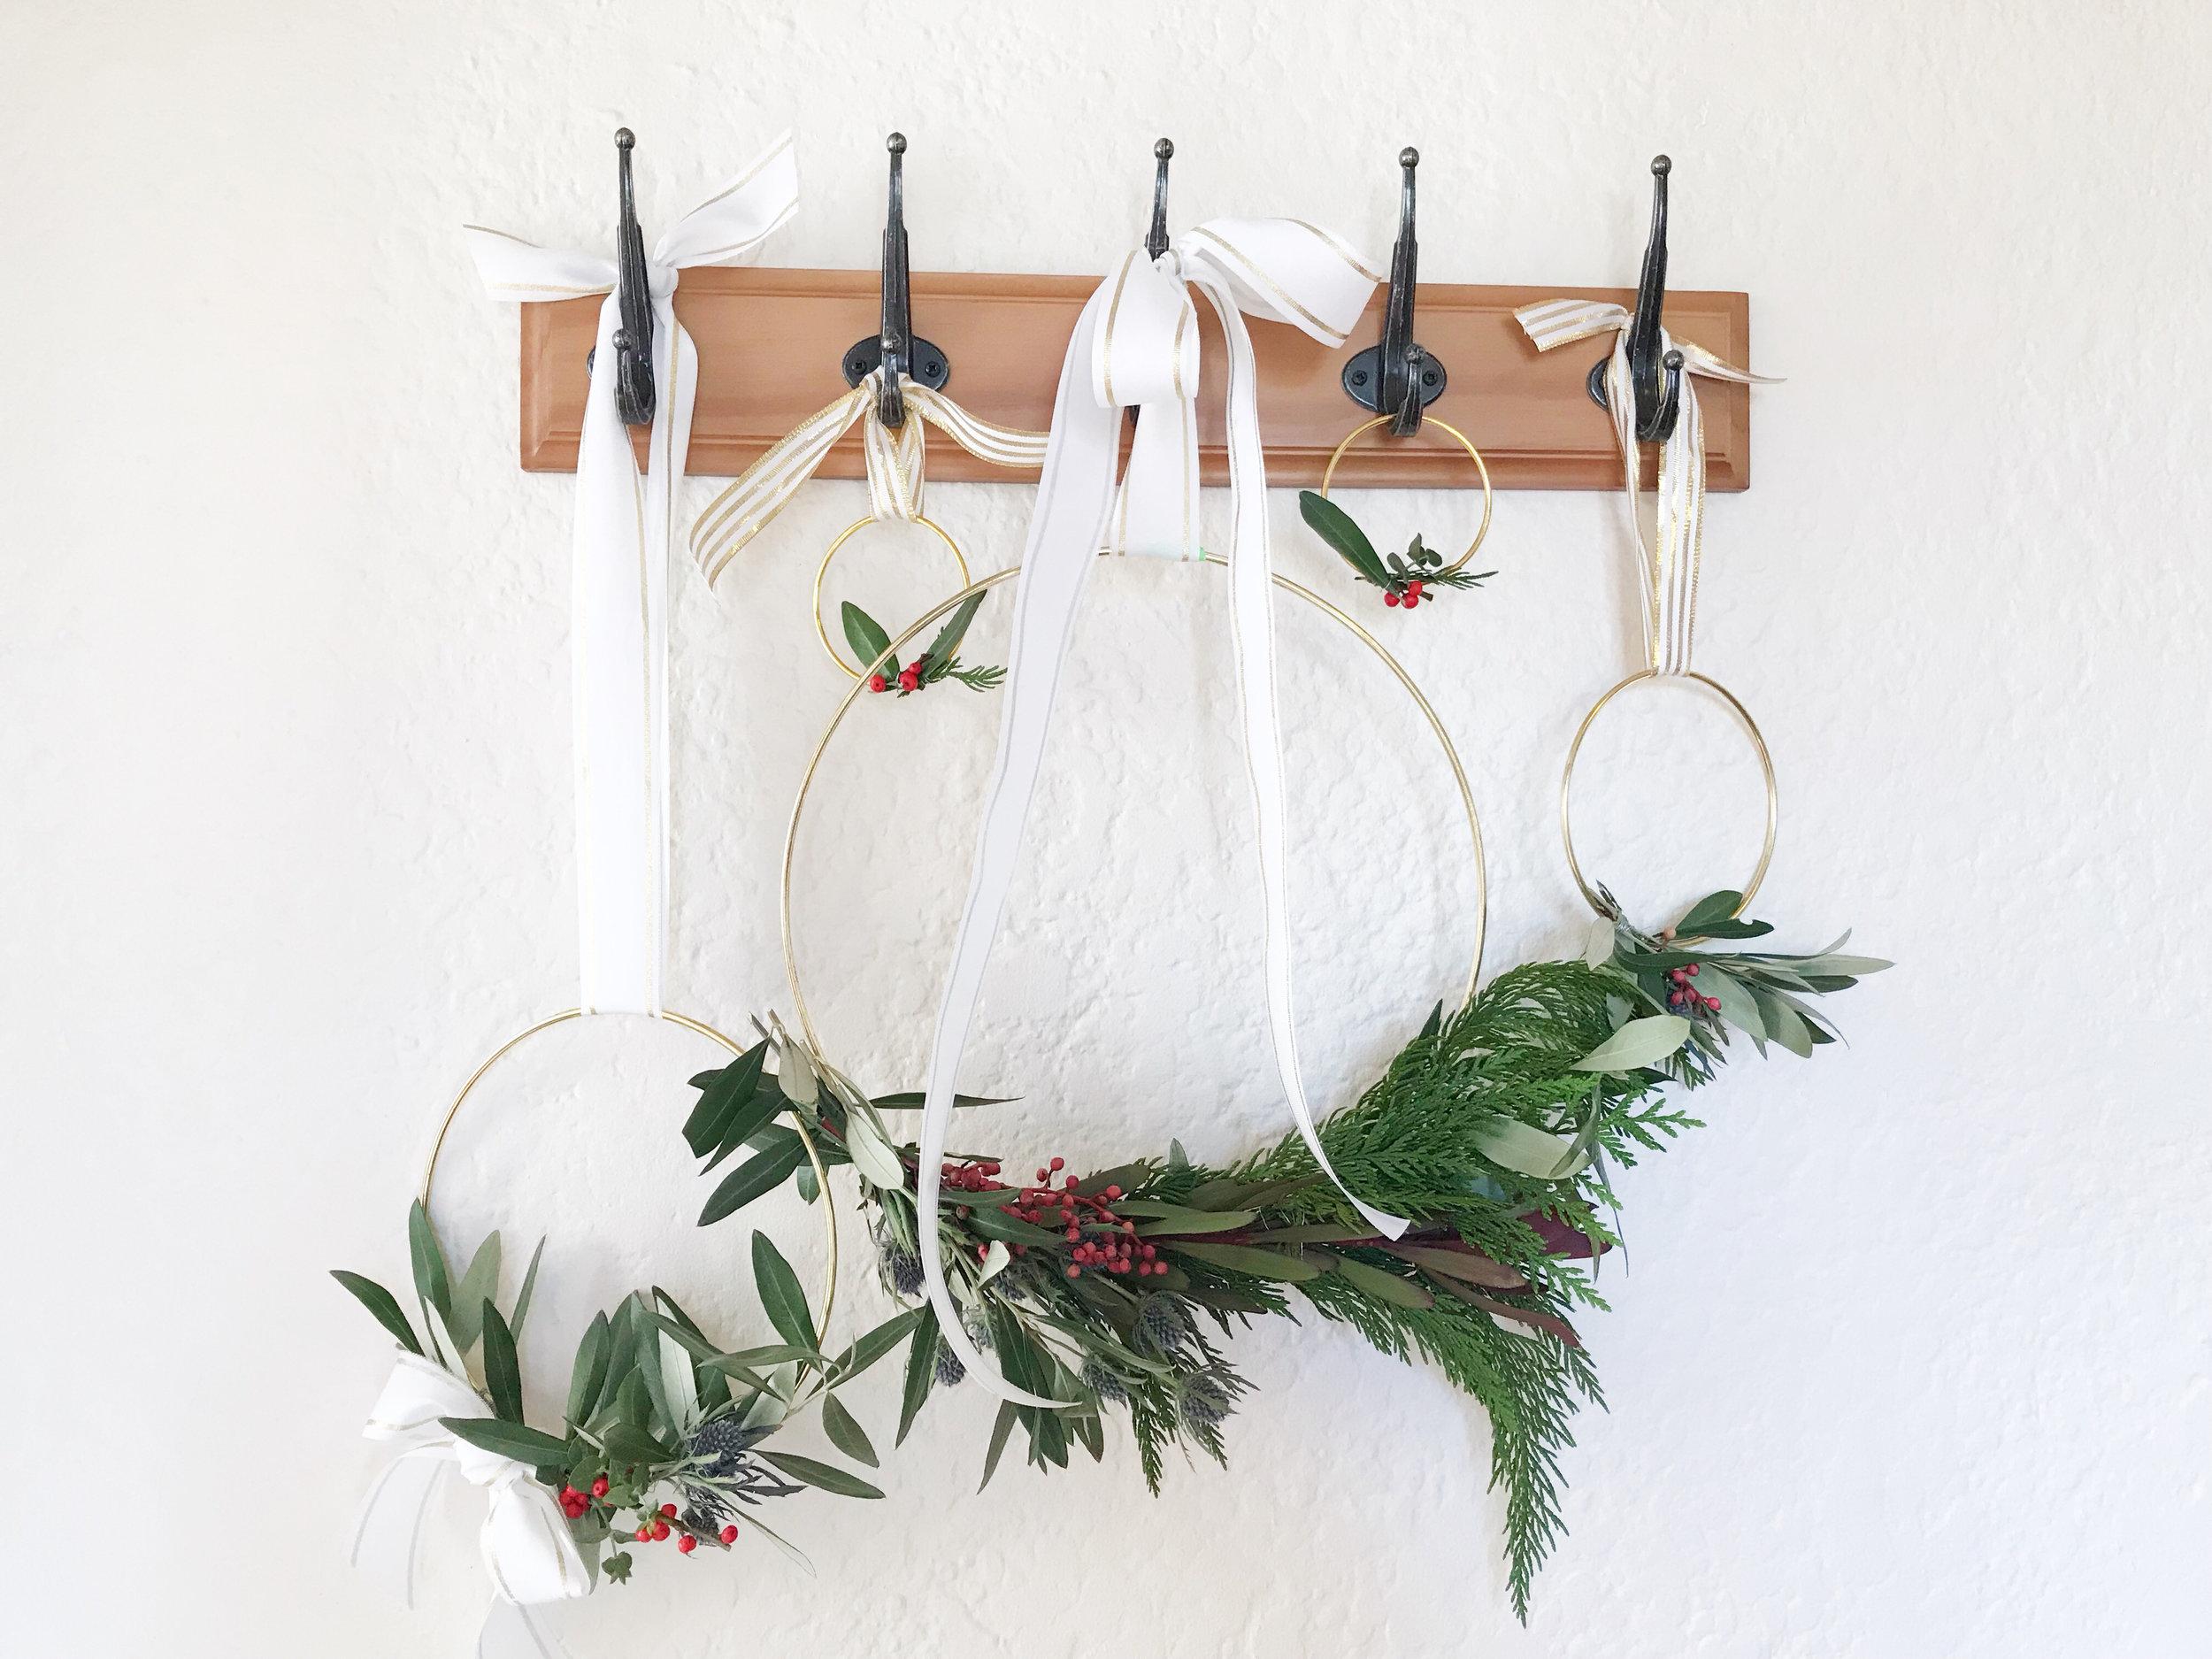 diy_hoiday_wreath_12.jpg